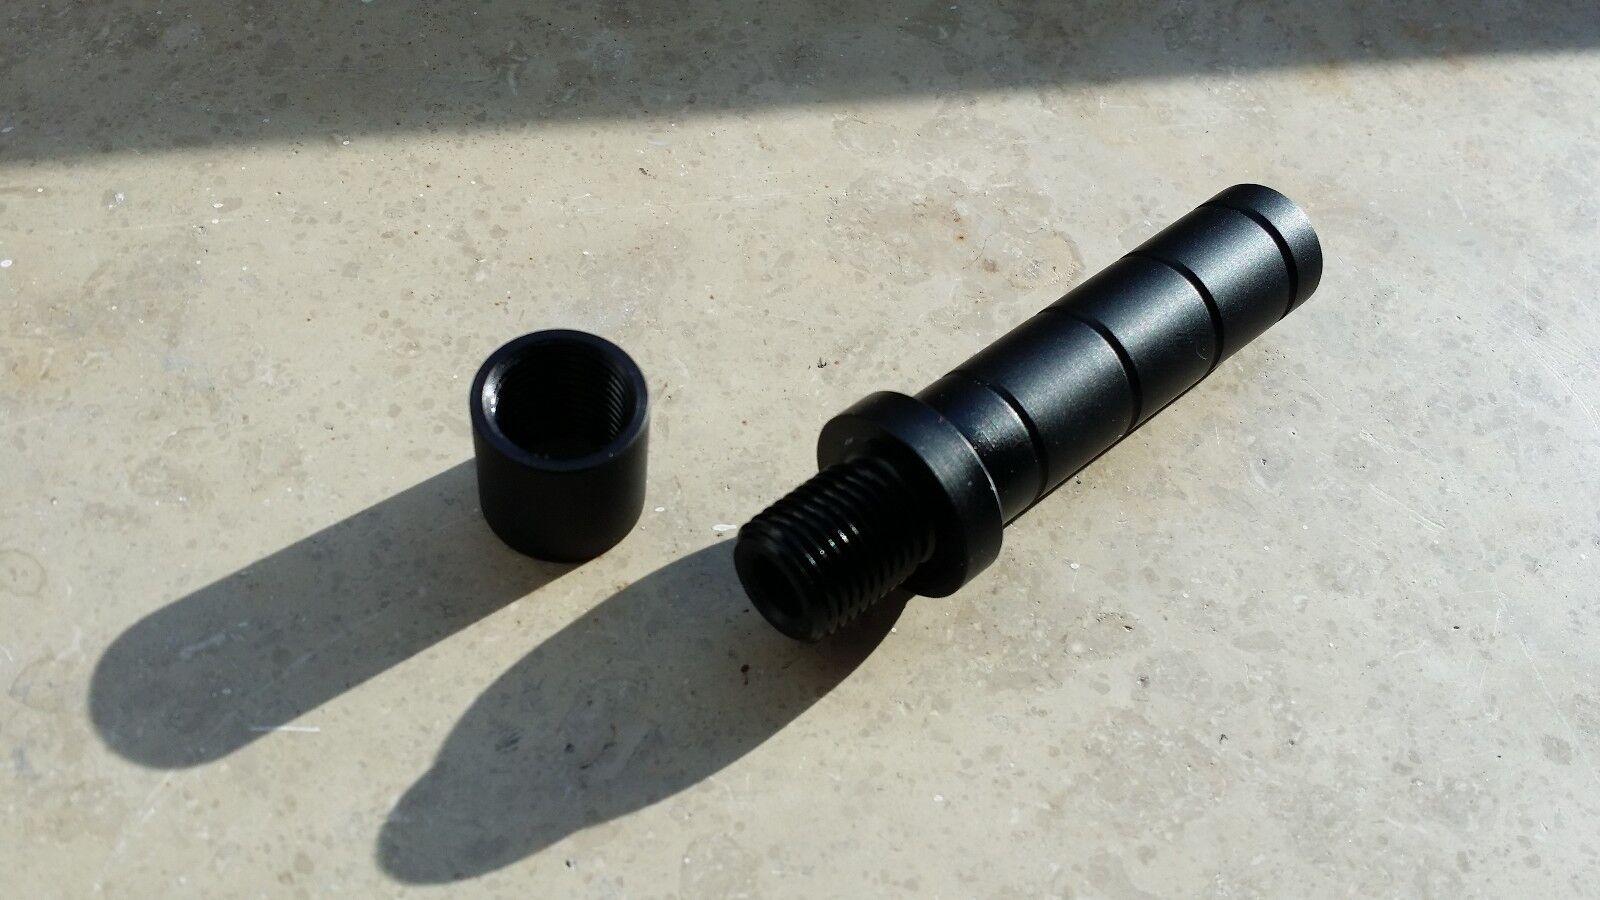 Schalldämpfer Adapter für Feinwerkbau FWB 600 601 602 603 C60 mit  1 2 x 20 UNF